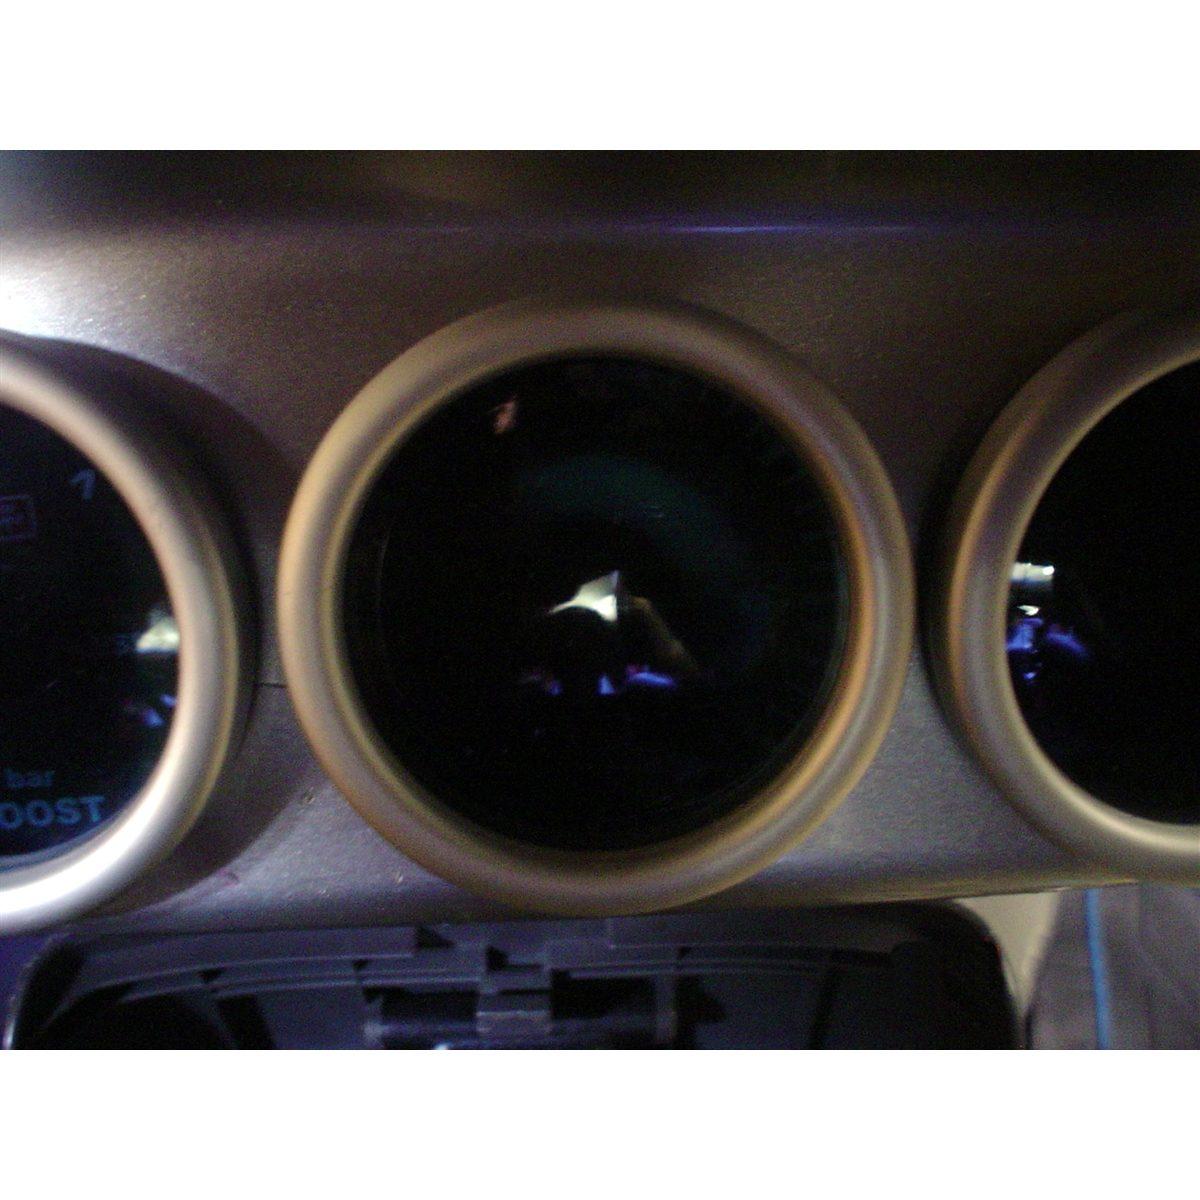 2f89aca6979 Auto Gauge Vacuometro 52mm Smoke Series - R  137